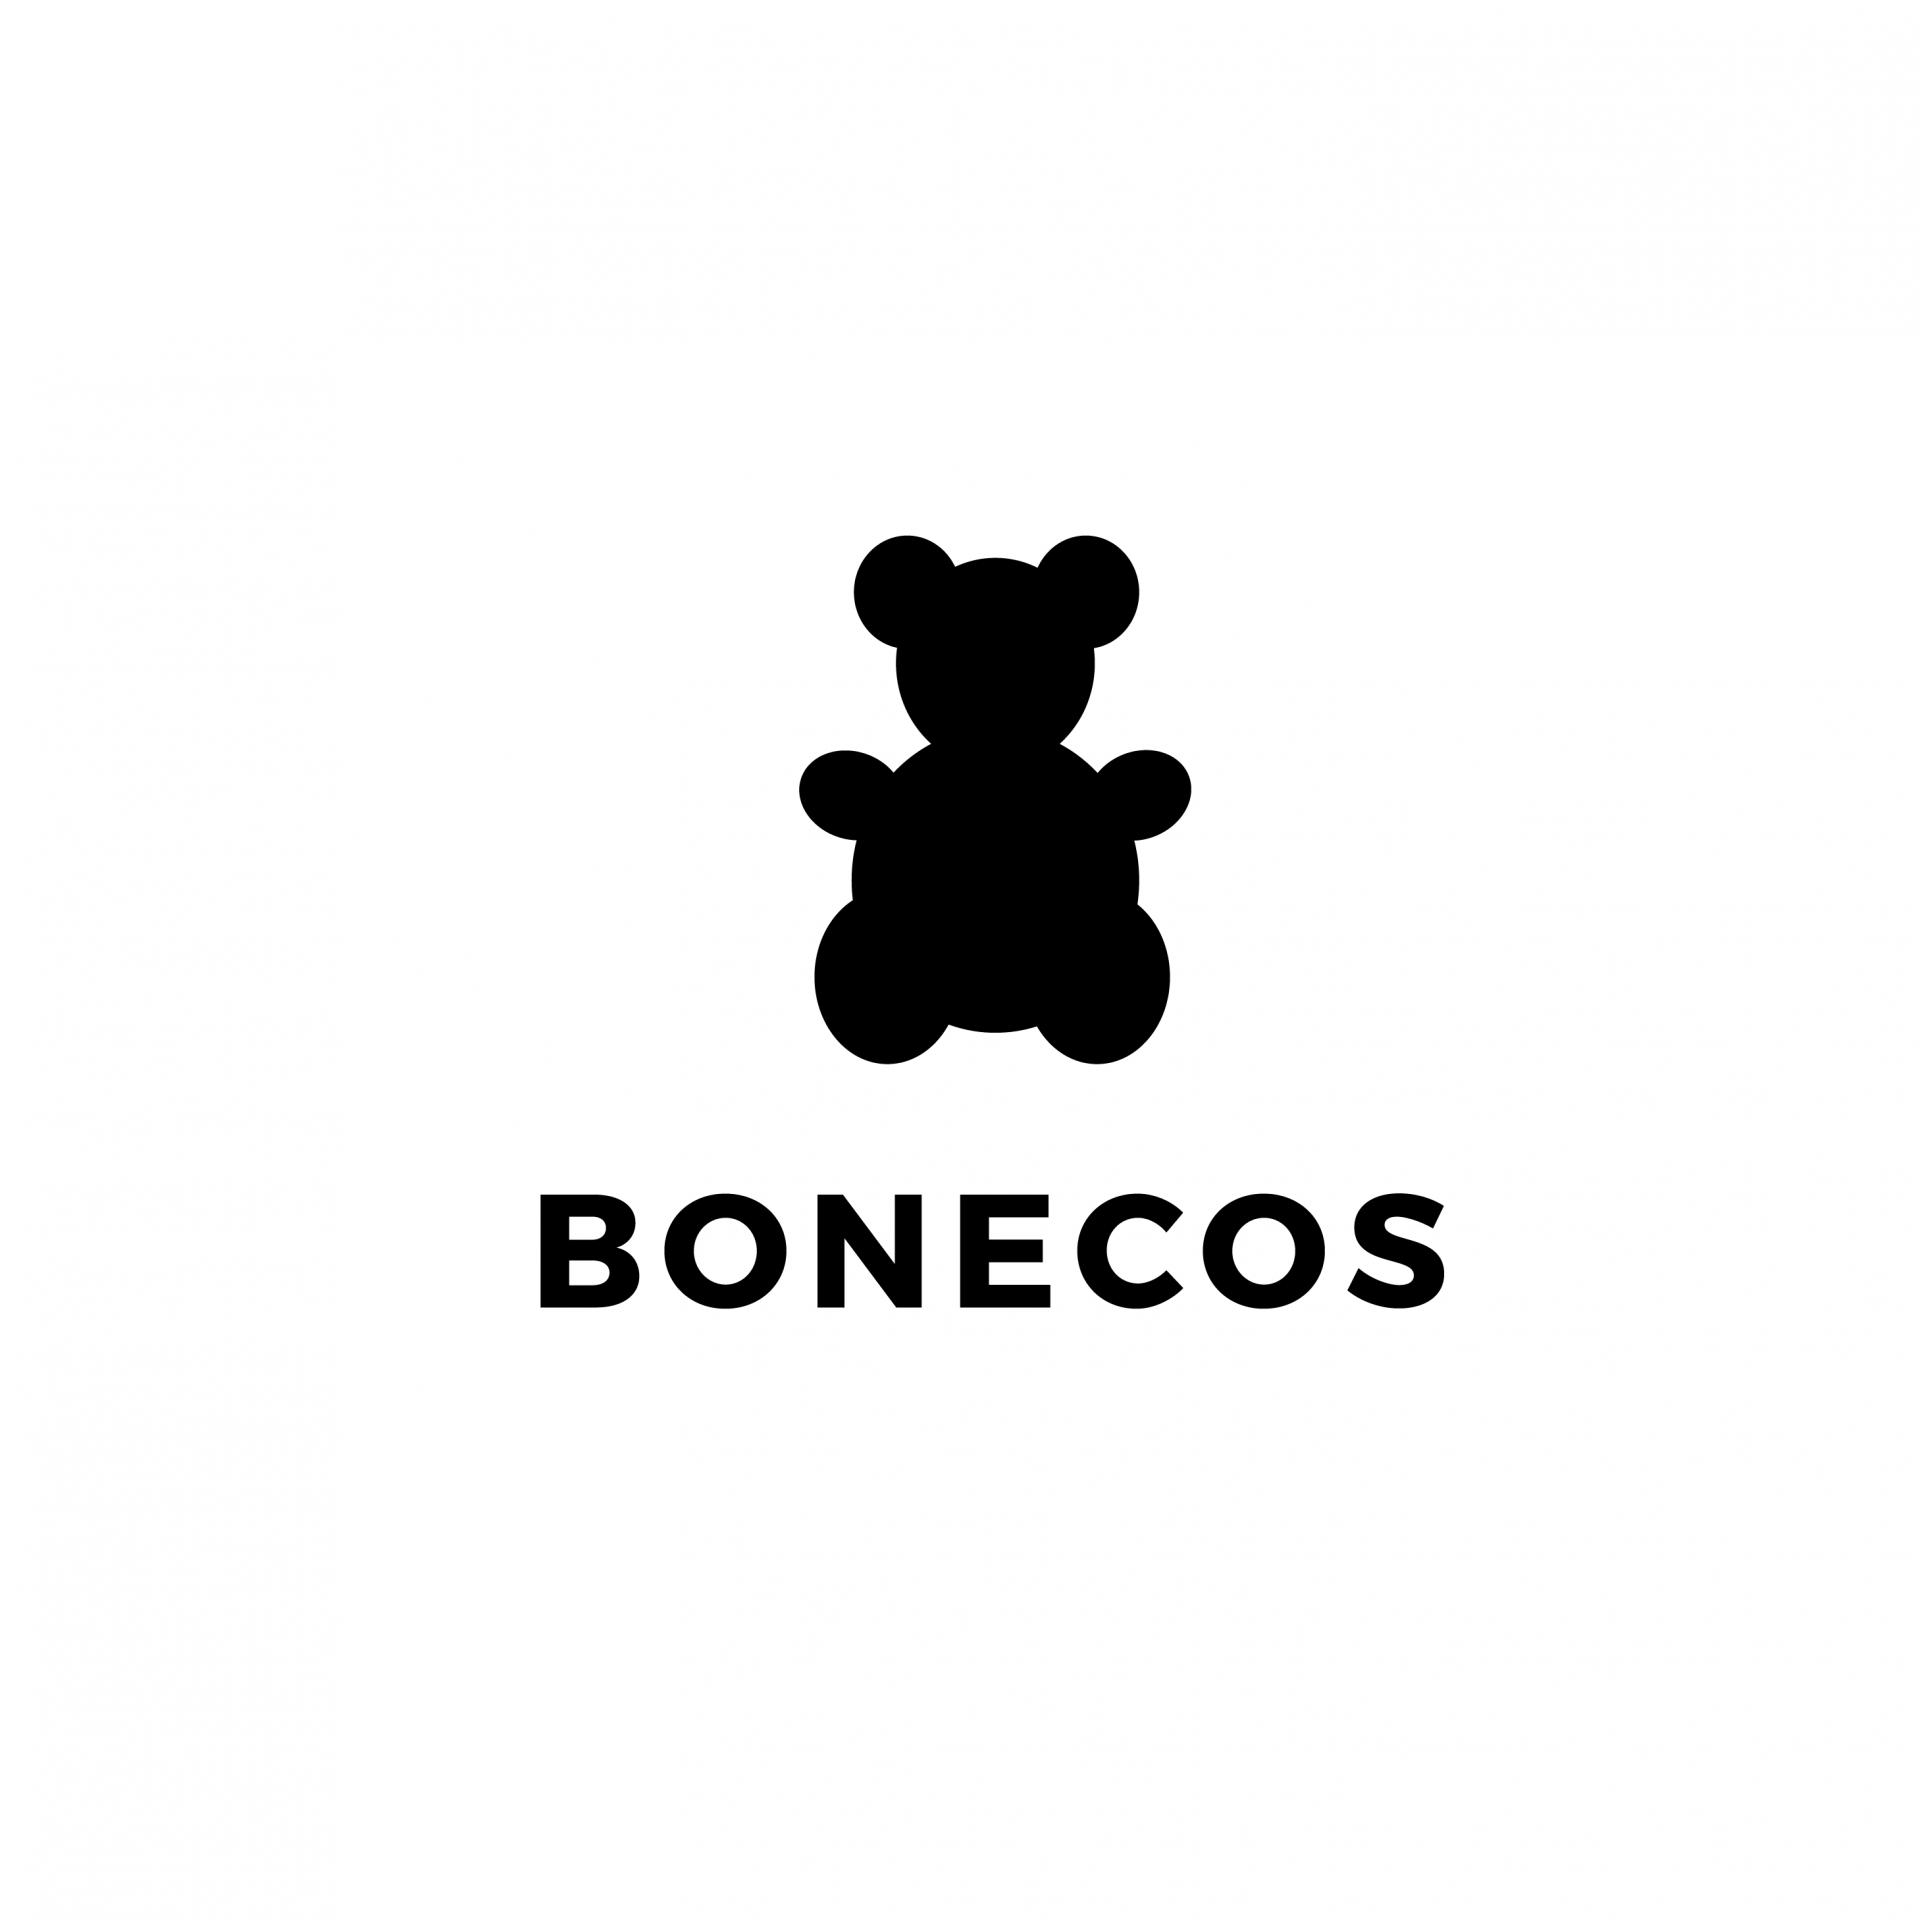 Bonecos 02